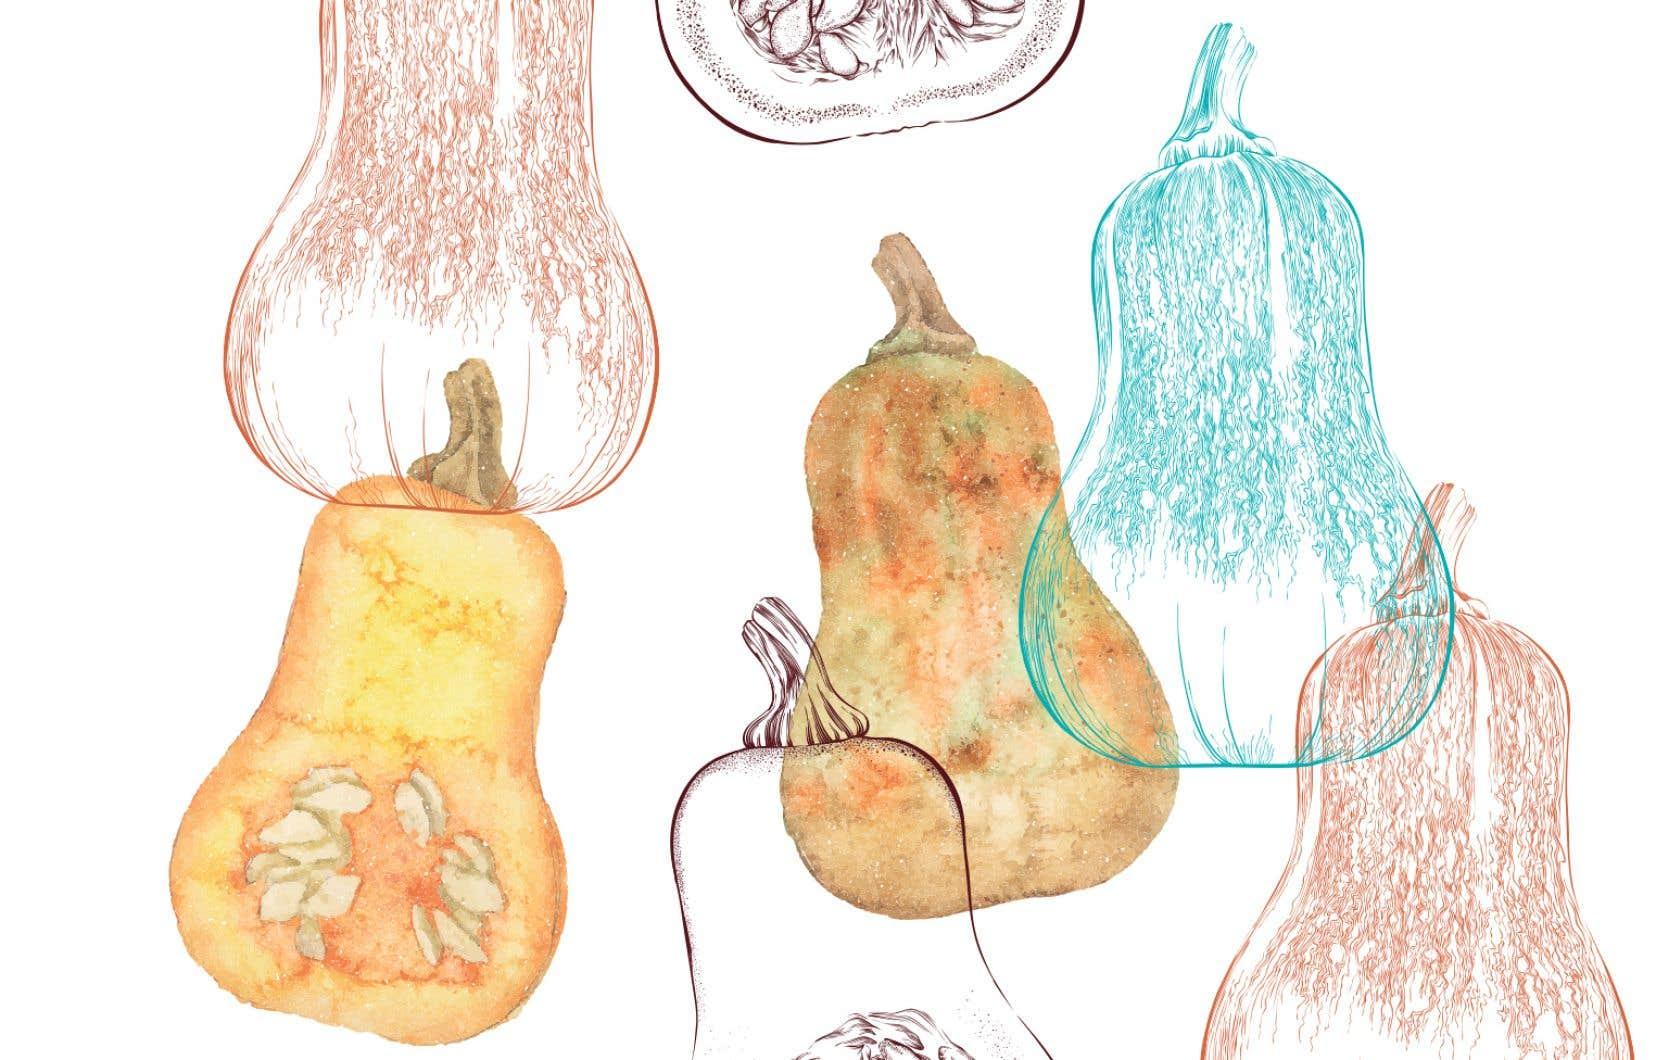 La courge butternut donne une texture soyeuse, presque crémeuse, à une foule de plats.